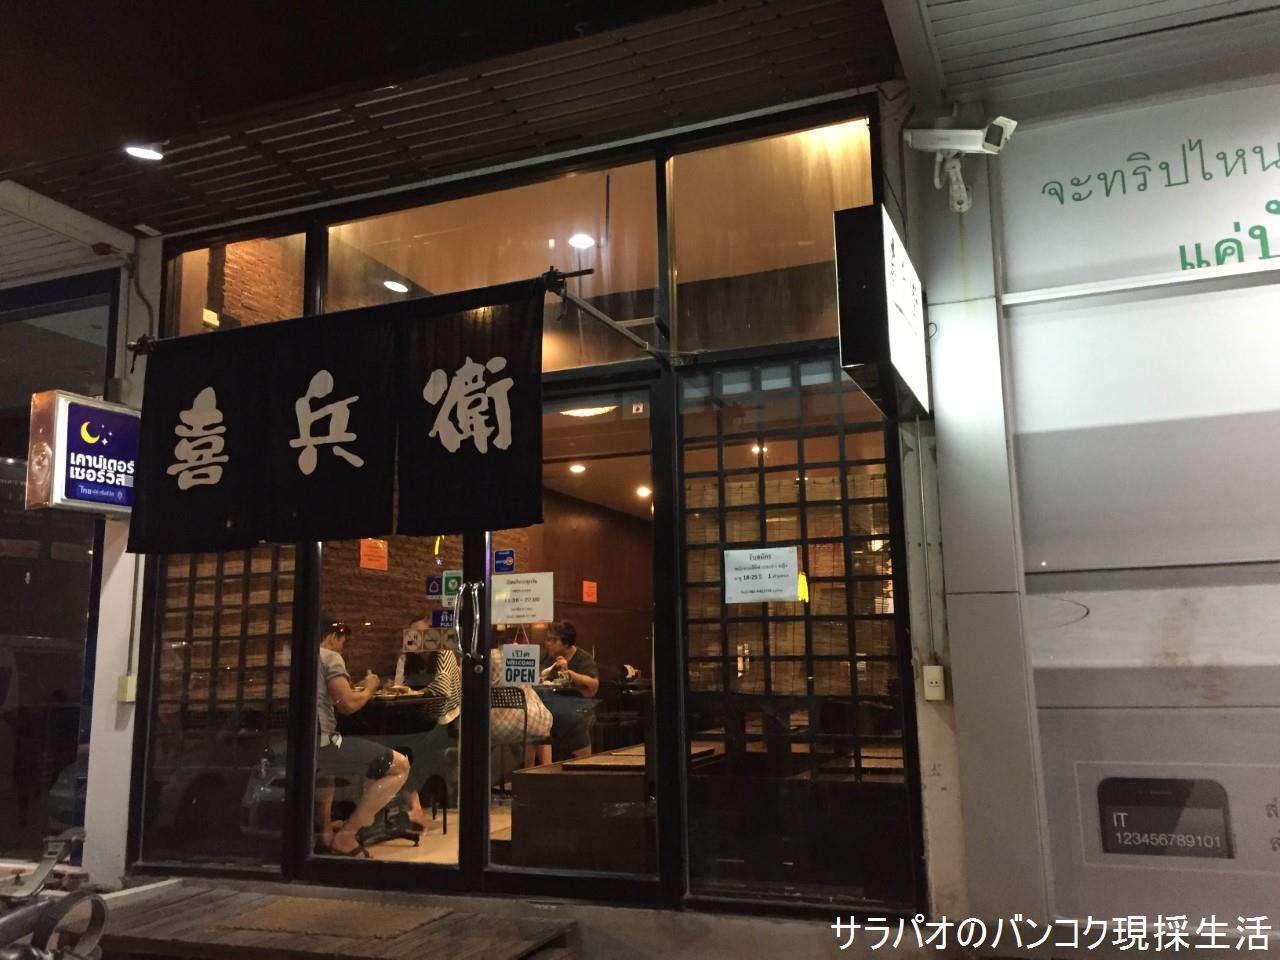 Kihyoe_01.jpg